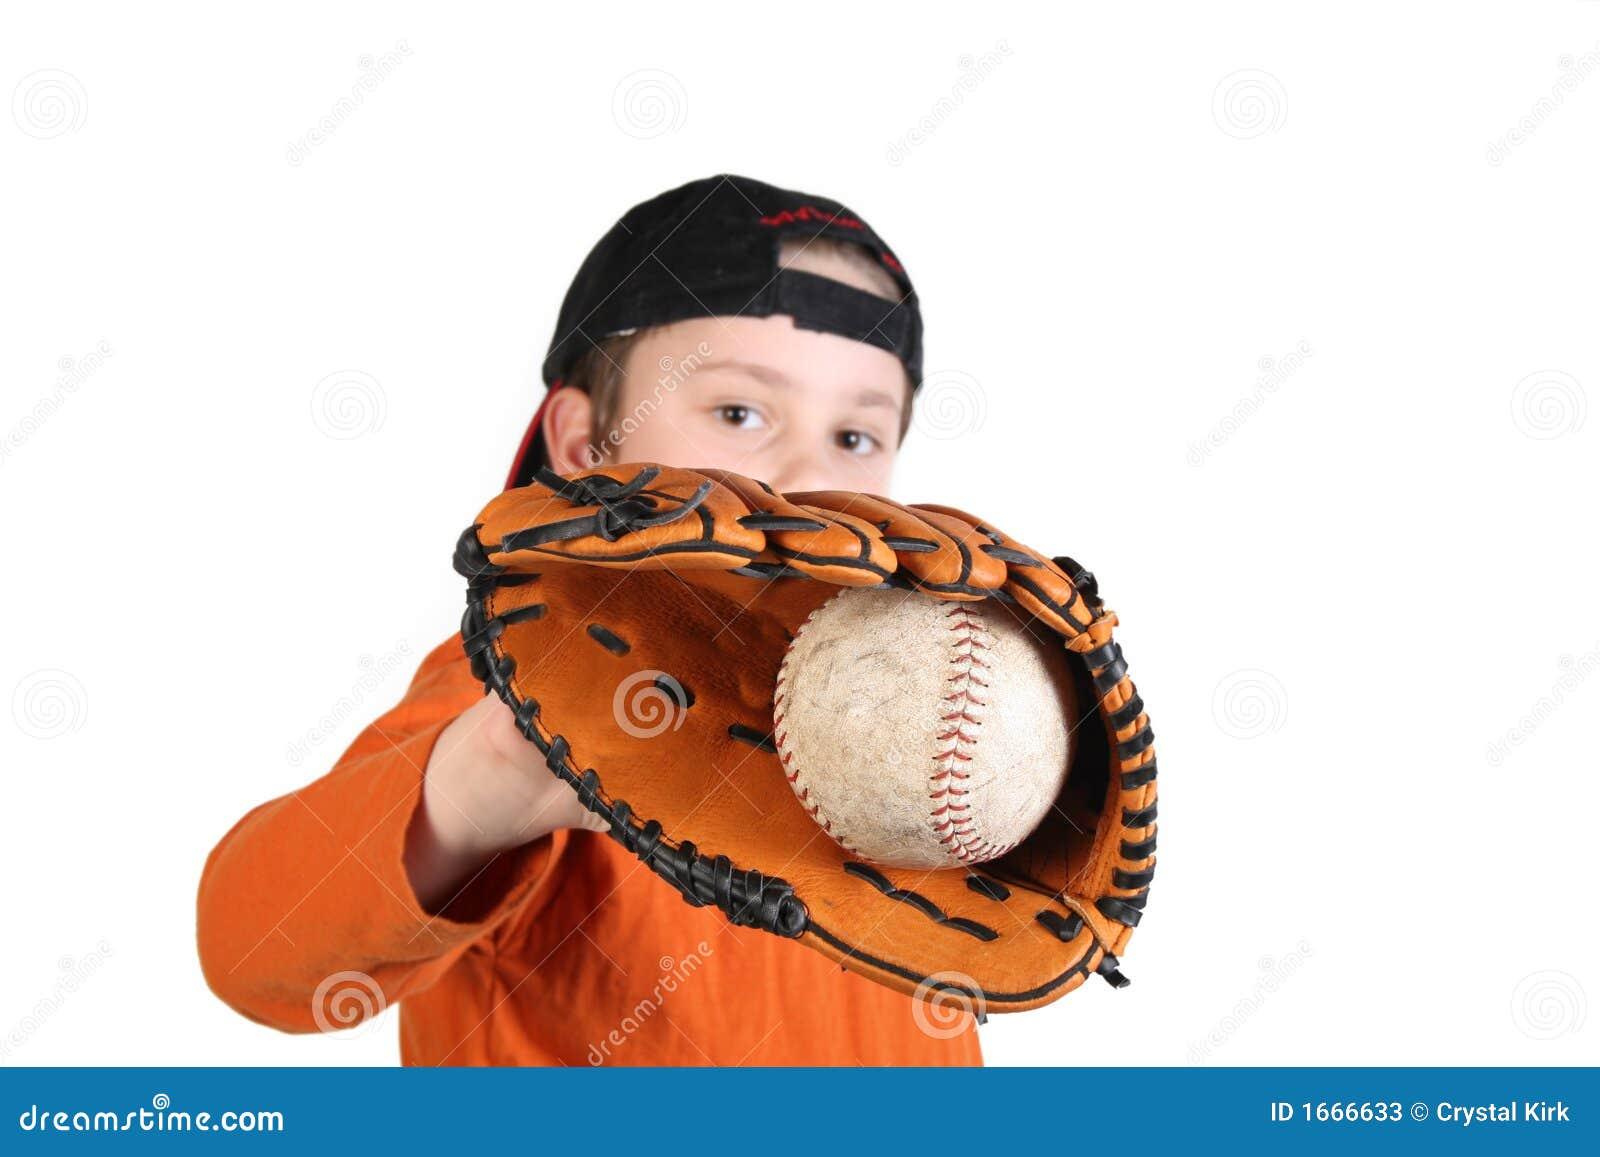 Lässt Spielbaseball